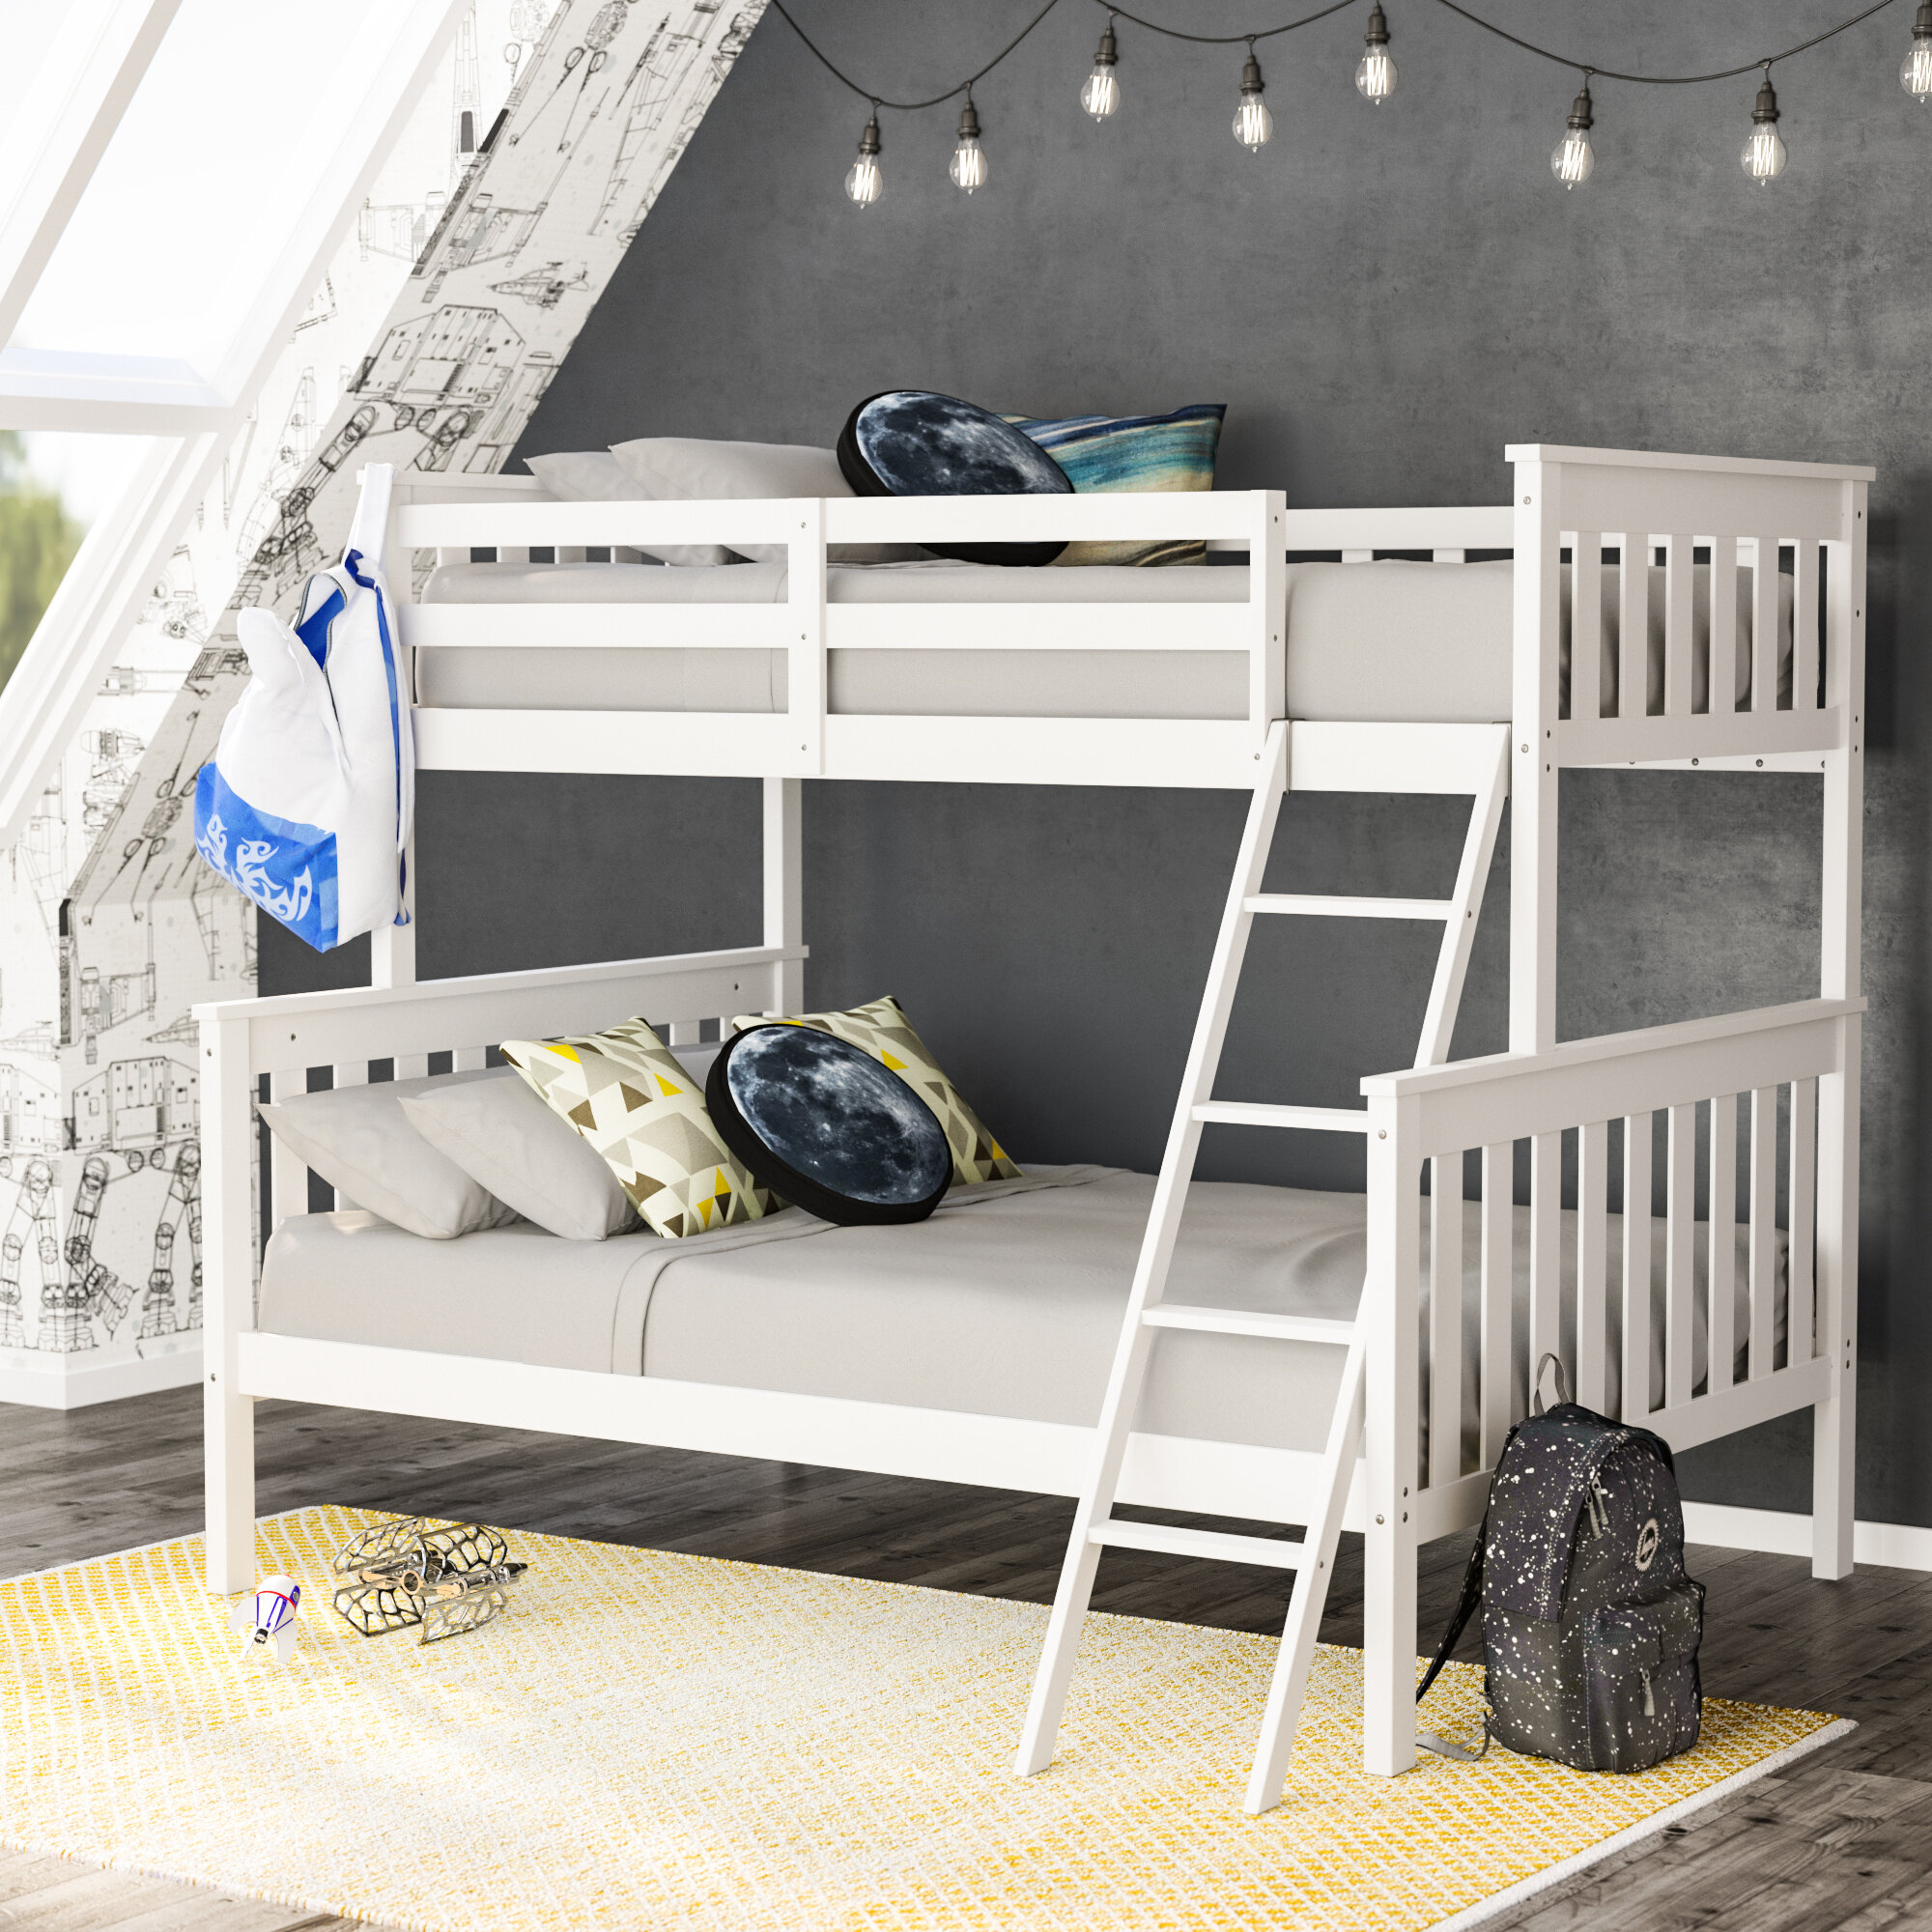 Bunk Beds Up To 55 Off Through 02 16 Wayfair